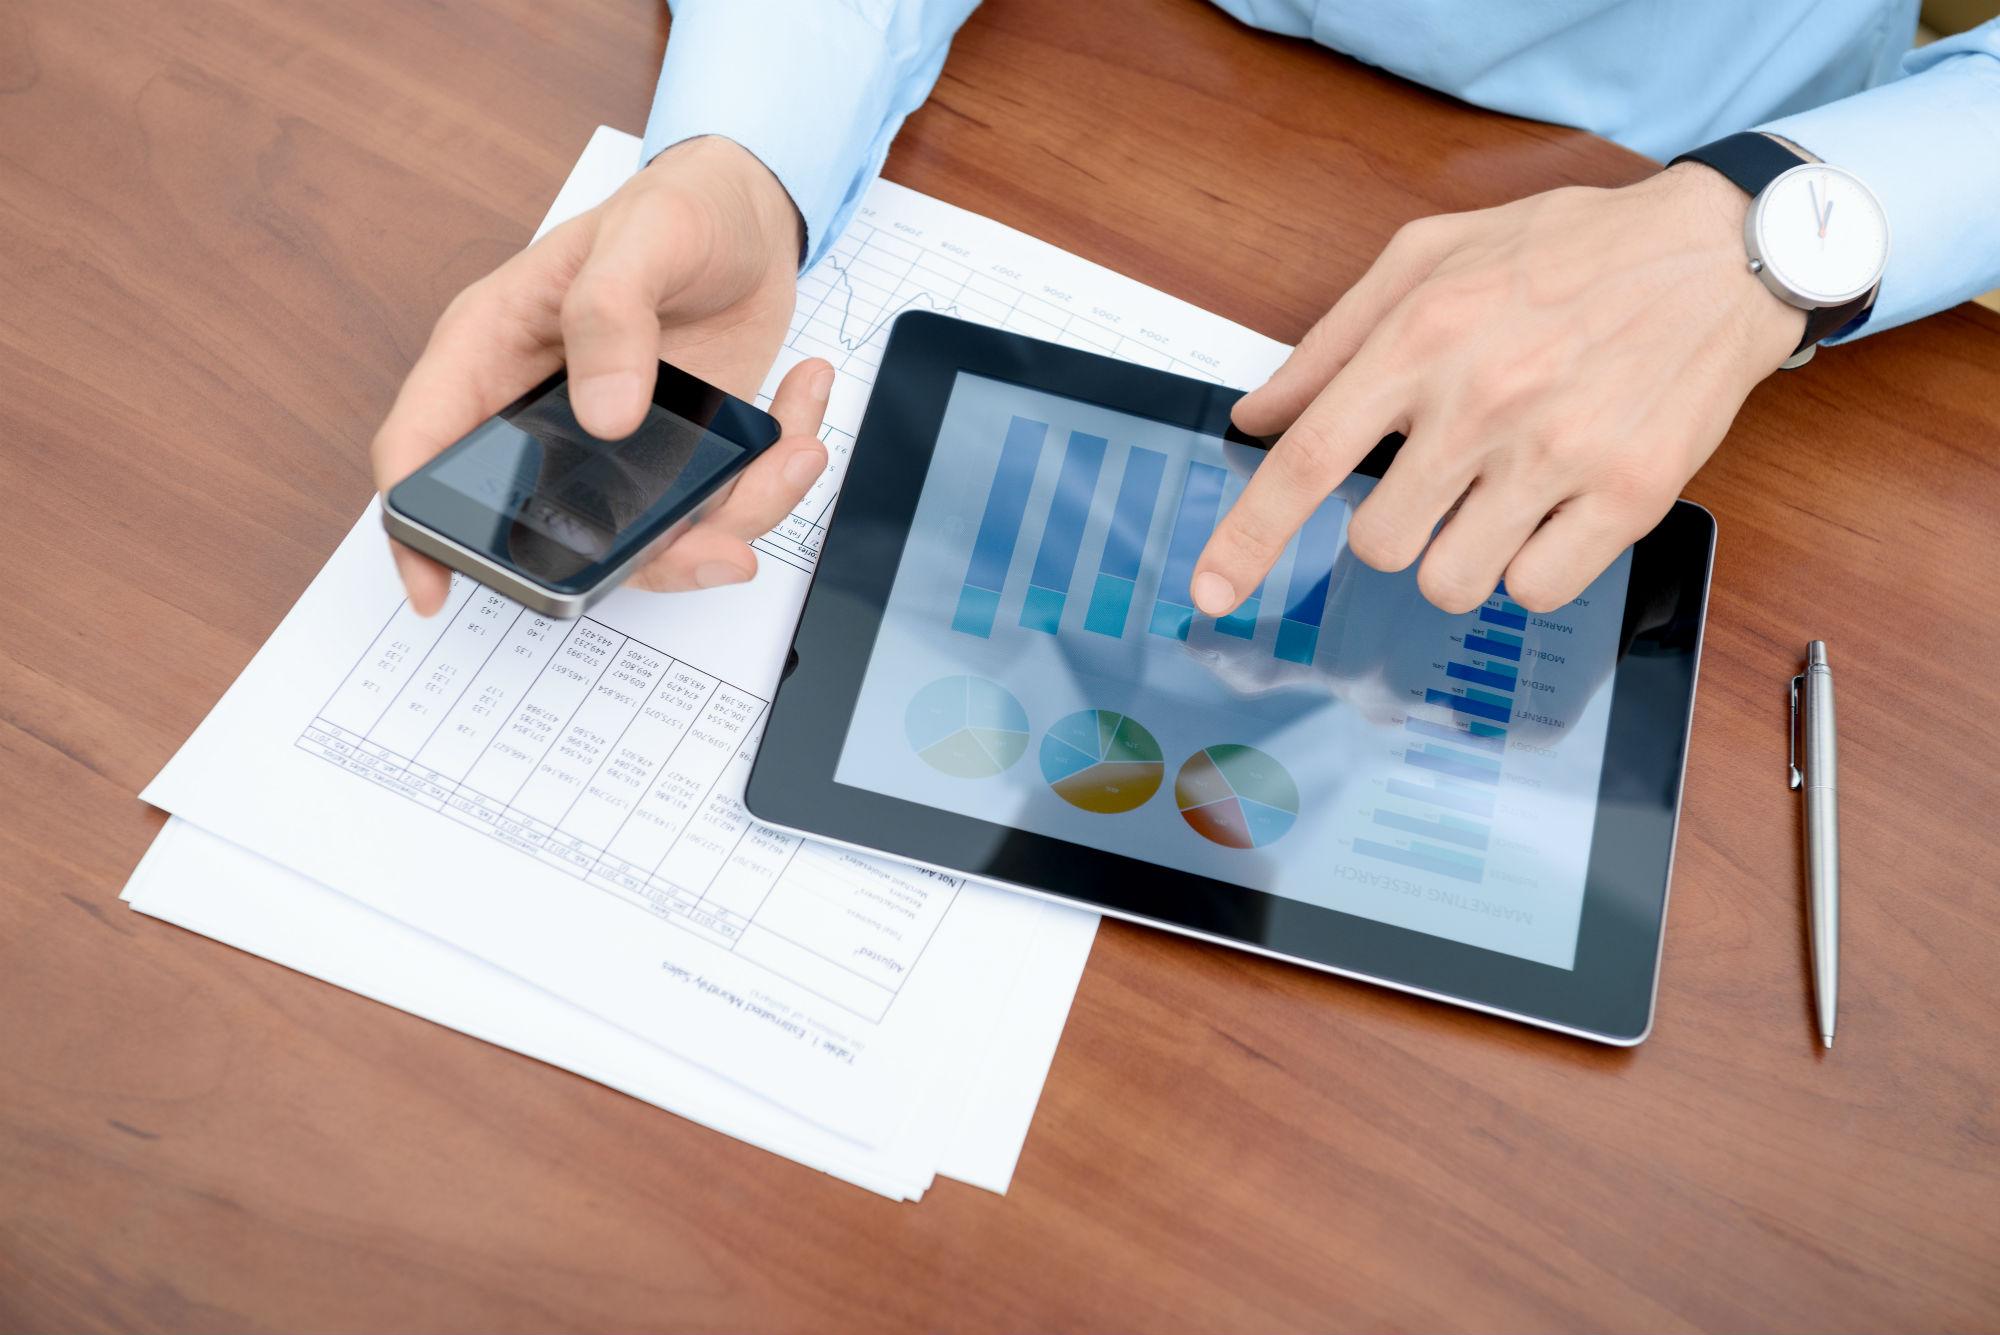 Financial-sector-demands-digital-marketing-expertise.jpg (2000×1335)